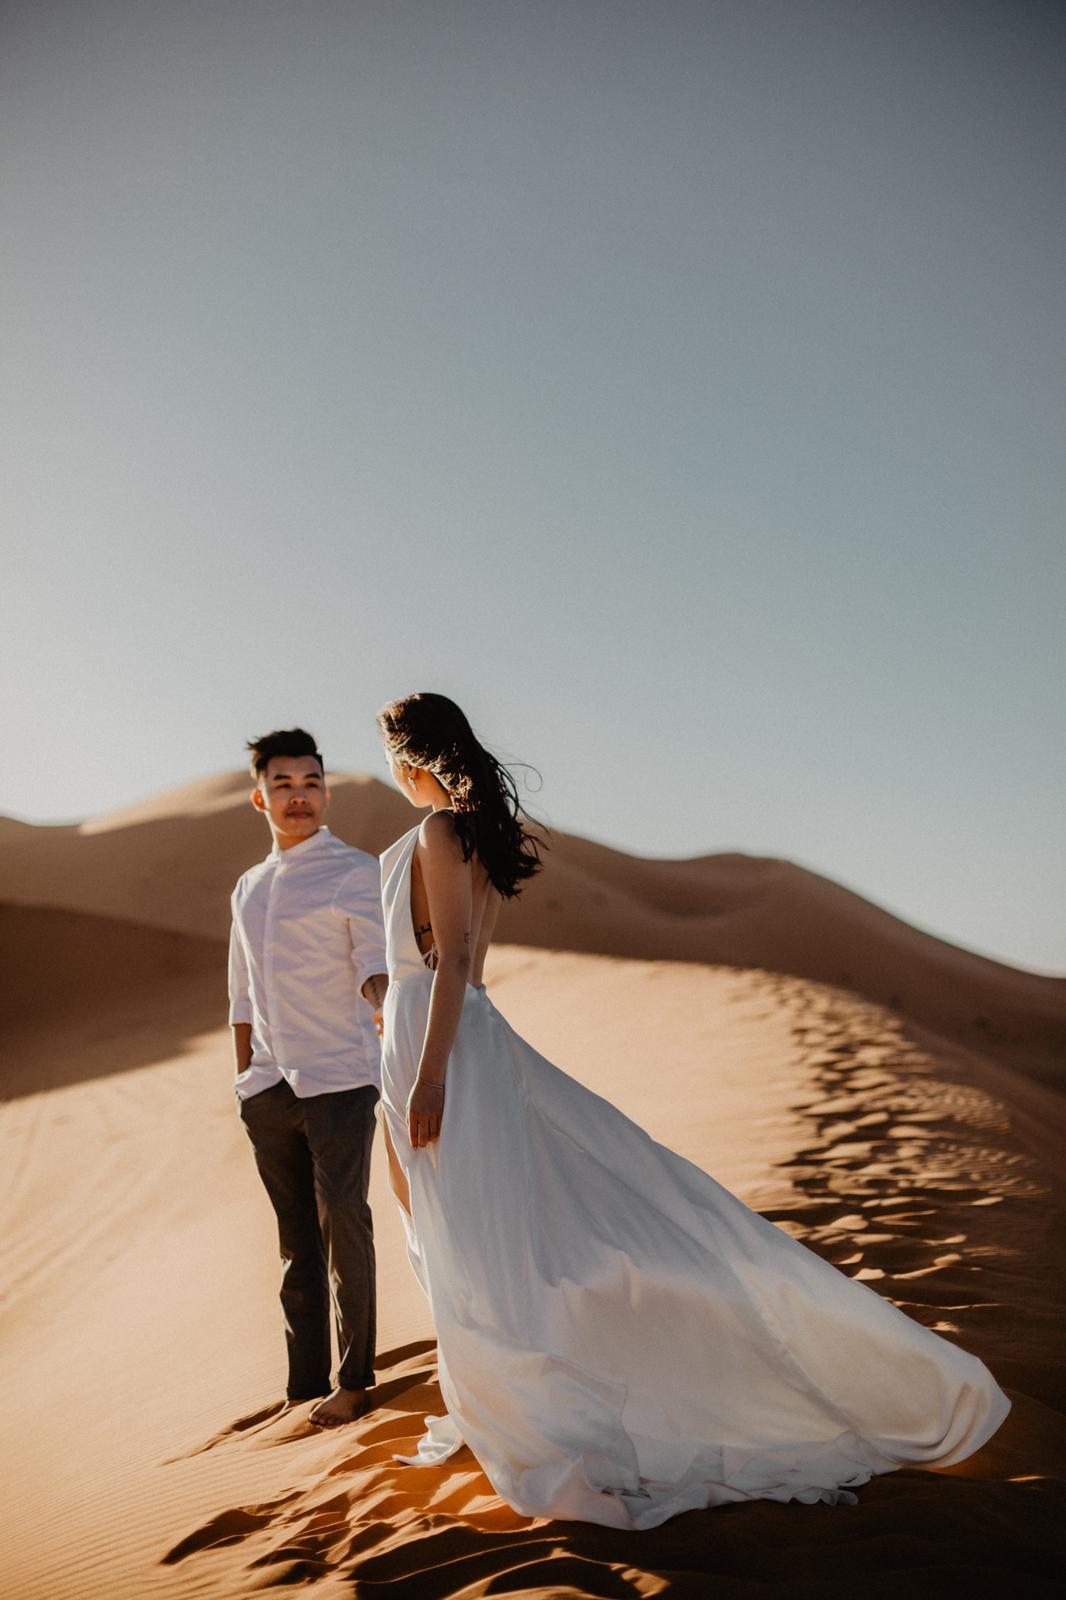 H + T | Love in Morocco - Obrázek č. 30